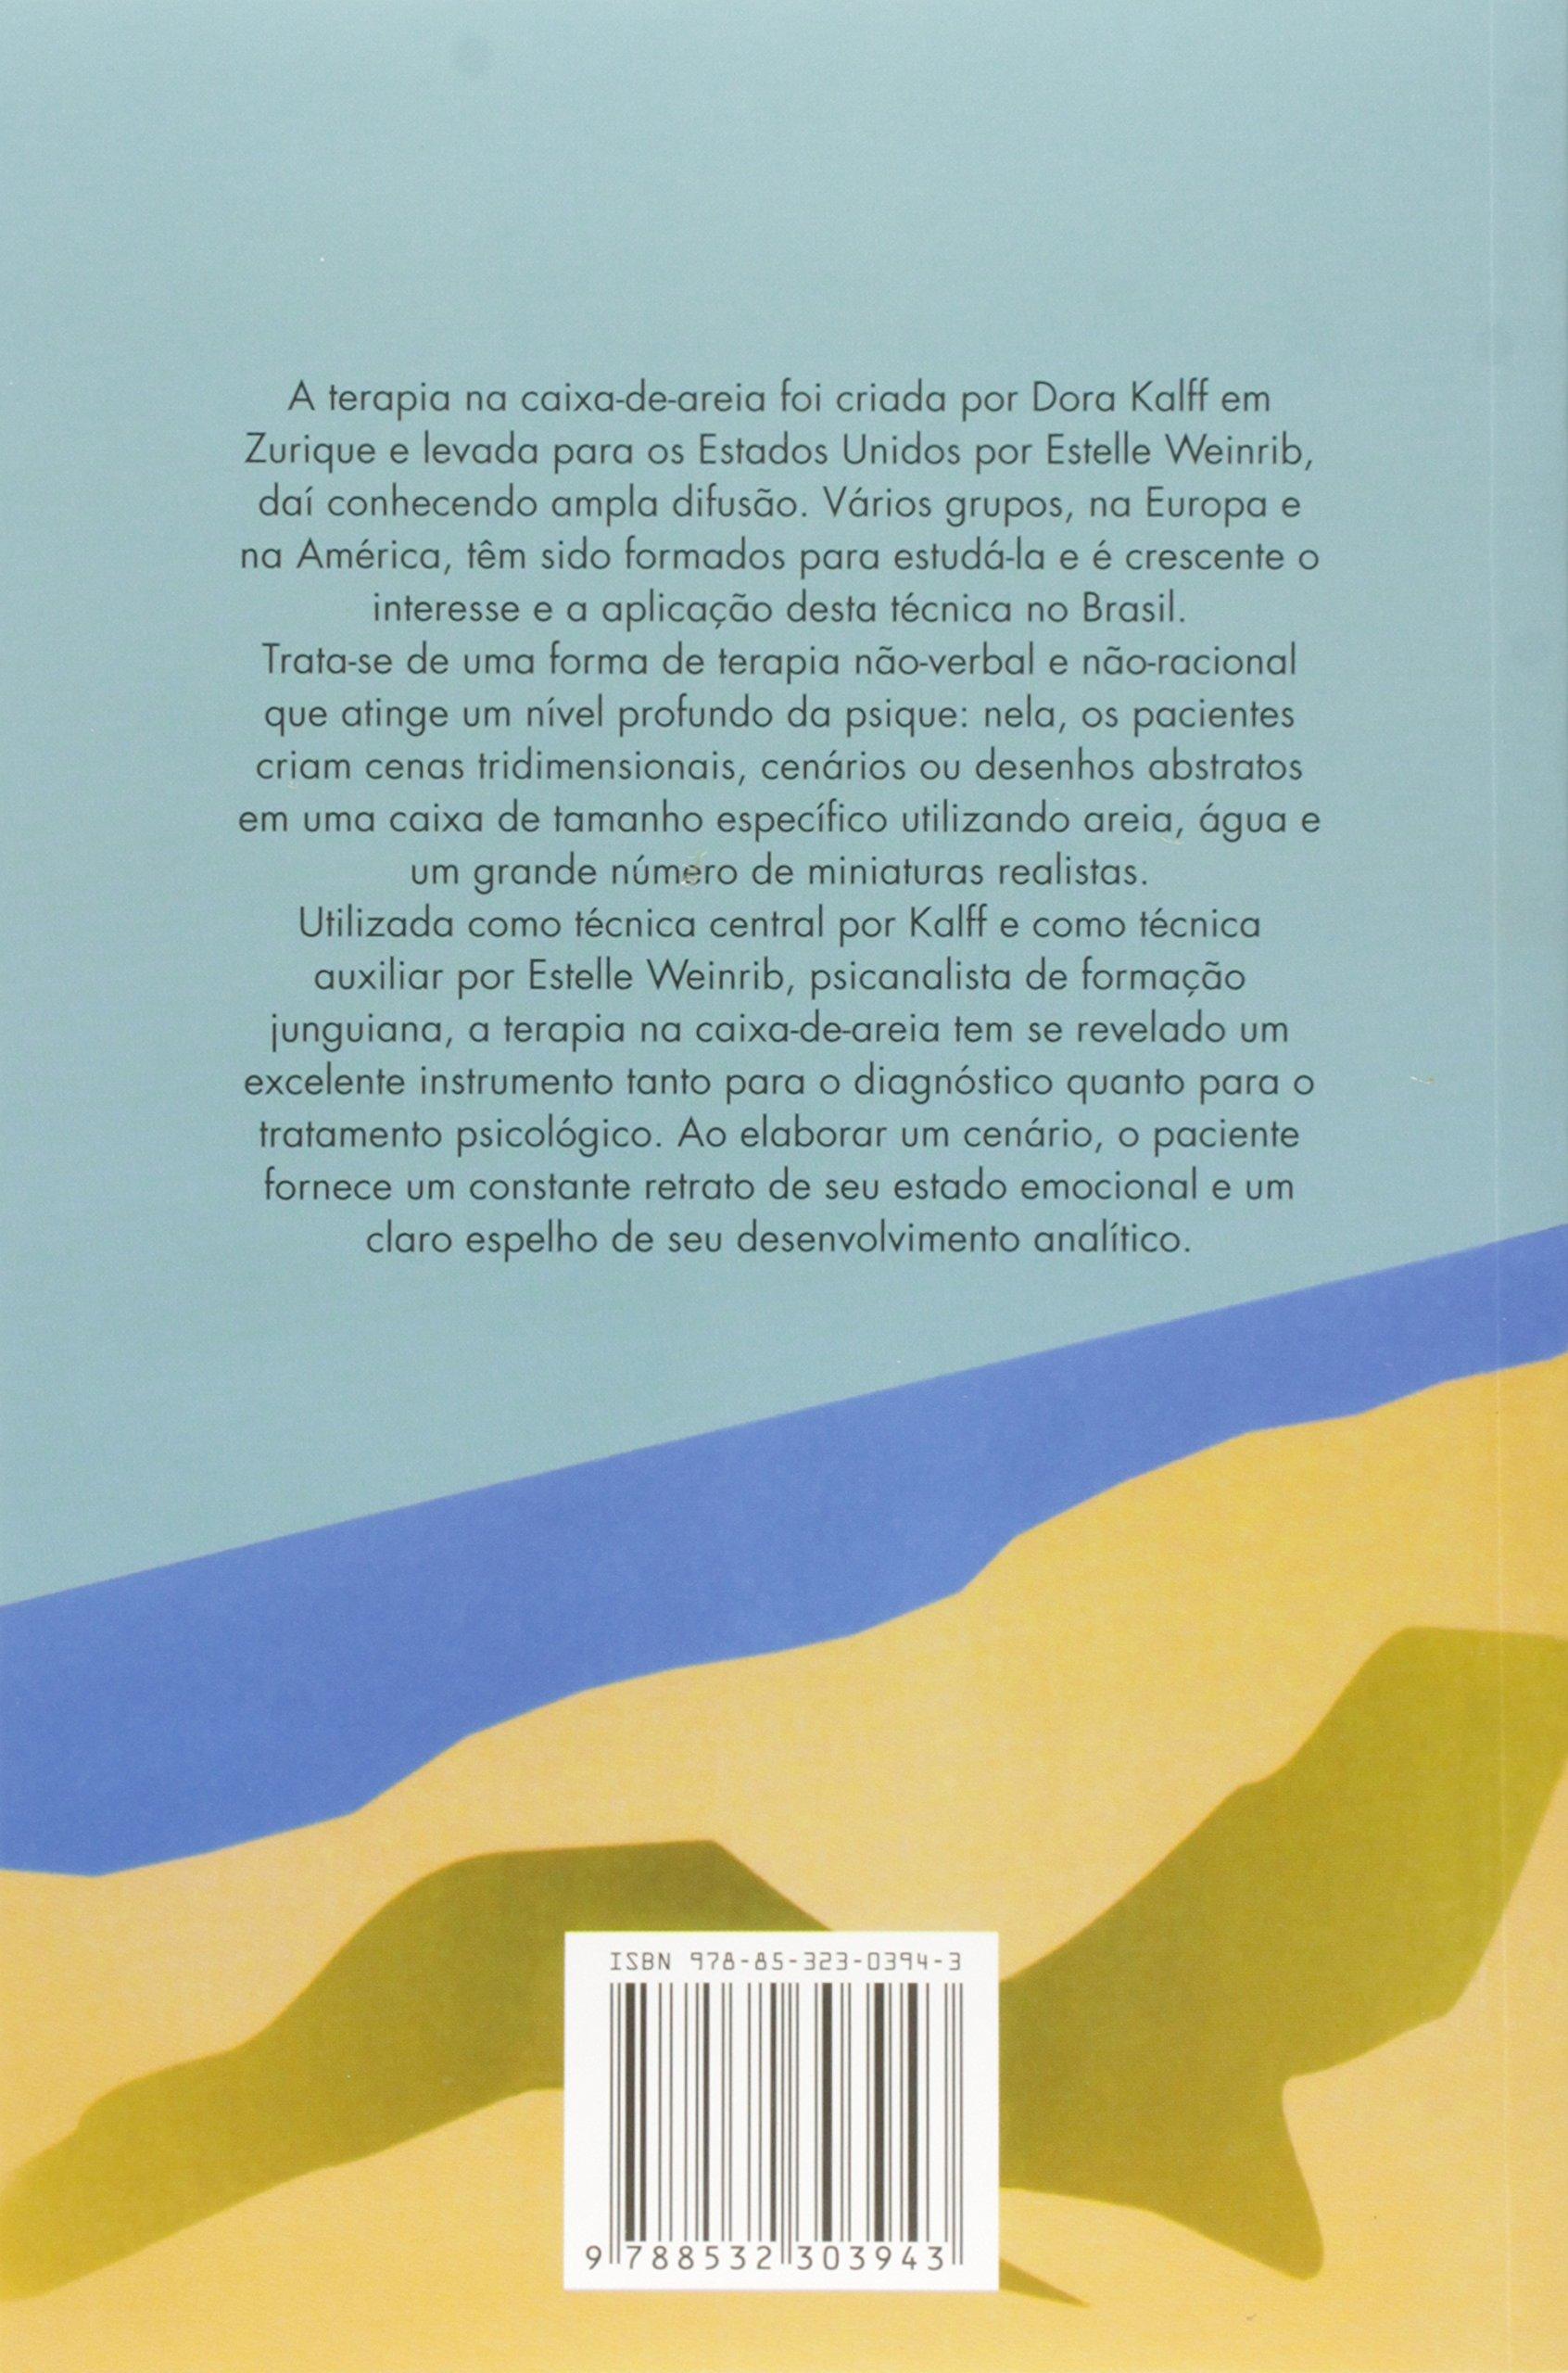 5aefeebbf58 Imagens do self  o processo terapêutico na caixa-de-areia - 9788532303943 - Livros  na Amazon Brasil